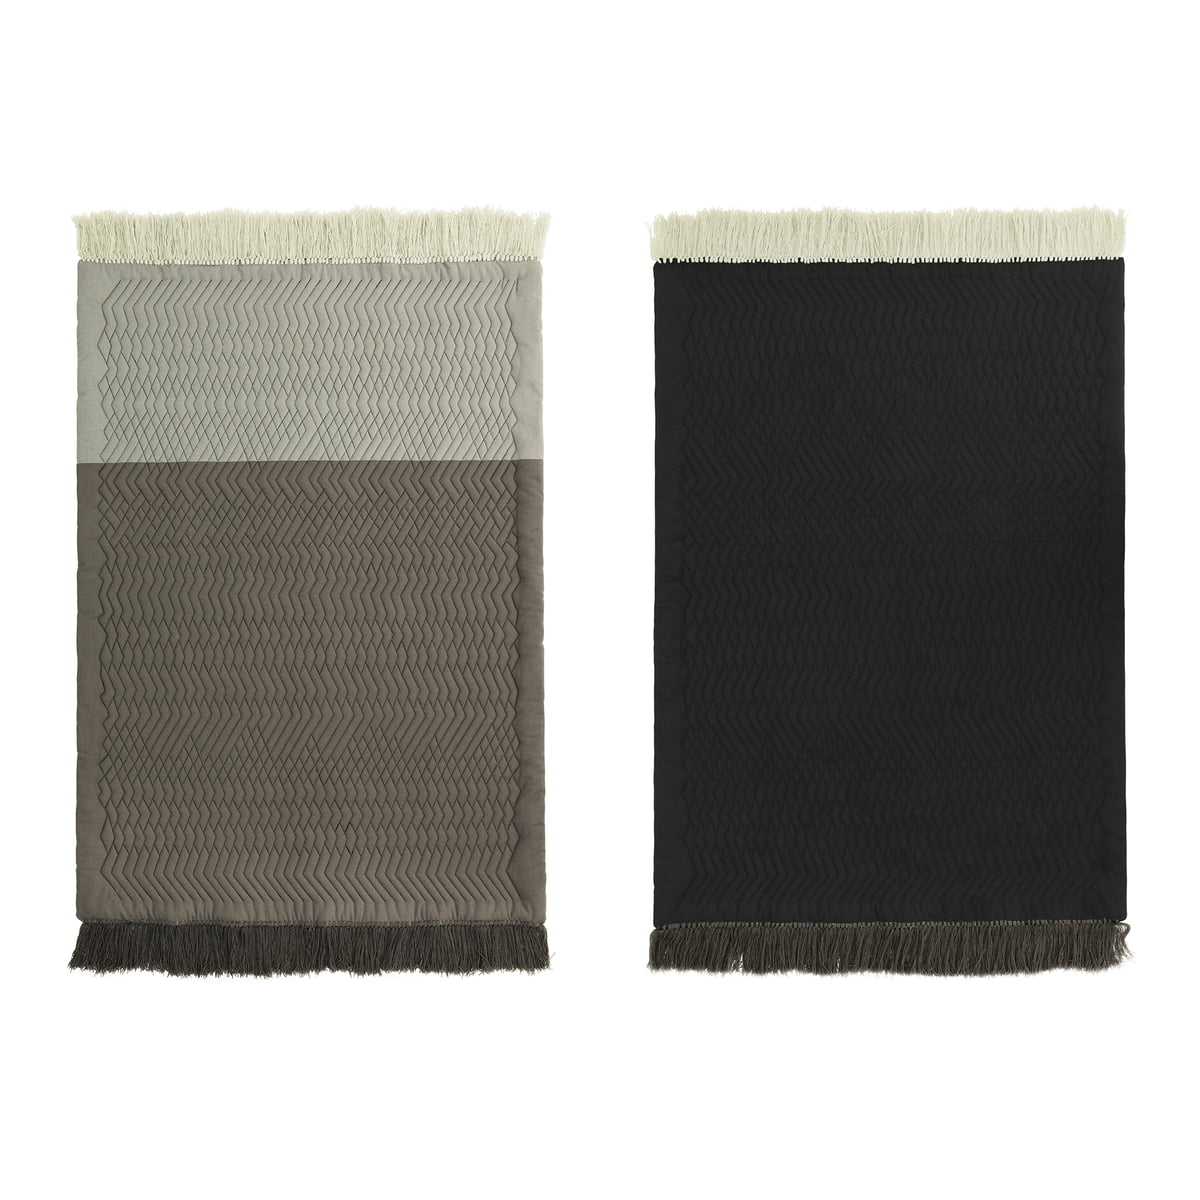 trace teppich von normann copenhagen kaufen. Black Bedroom Furniture Sets. Home Design Ideas